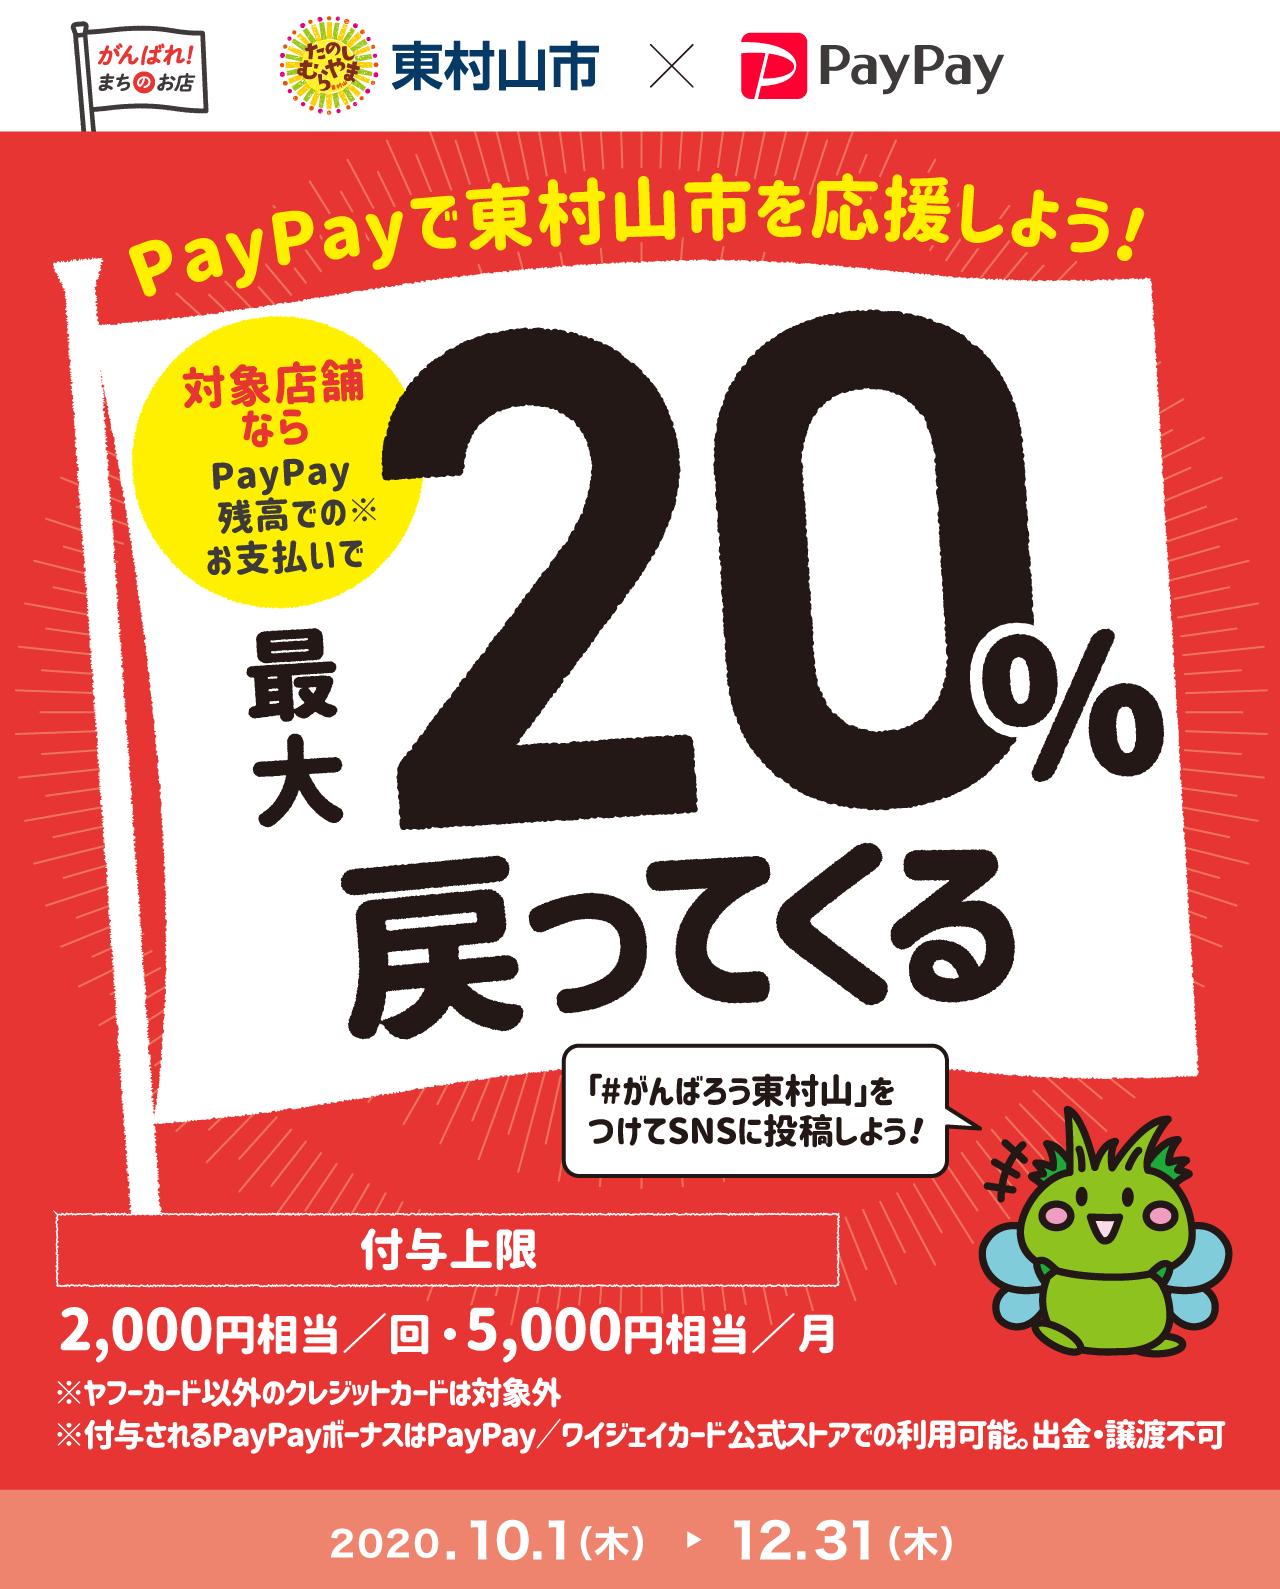 PayPayで東村山市を応援しよう! 対象店舗ならPayPay残高でのお支払いで最大20%戻ってくる!